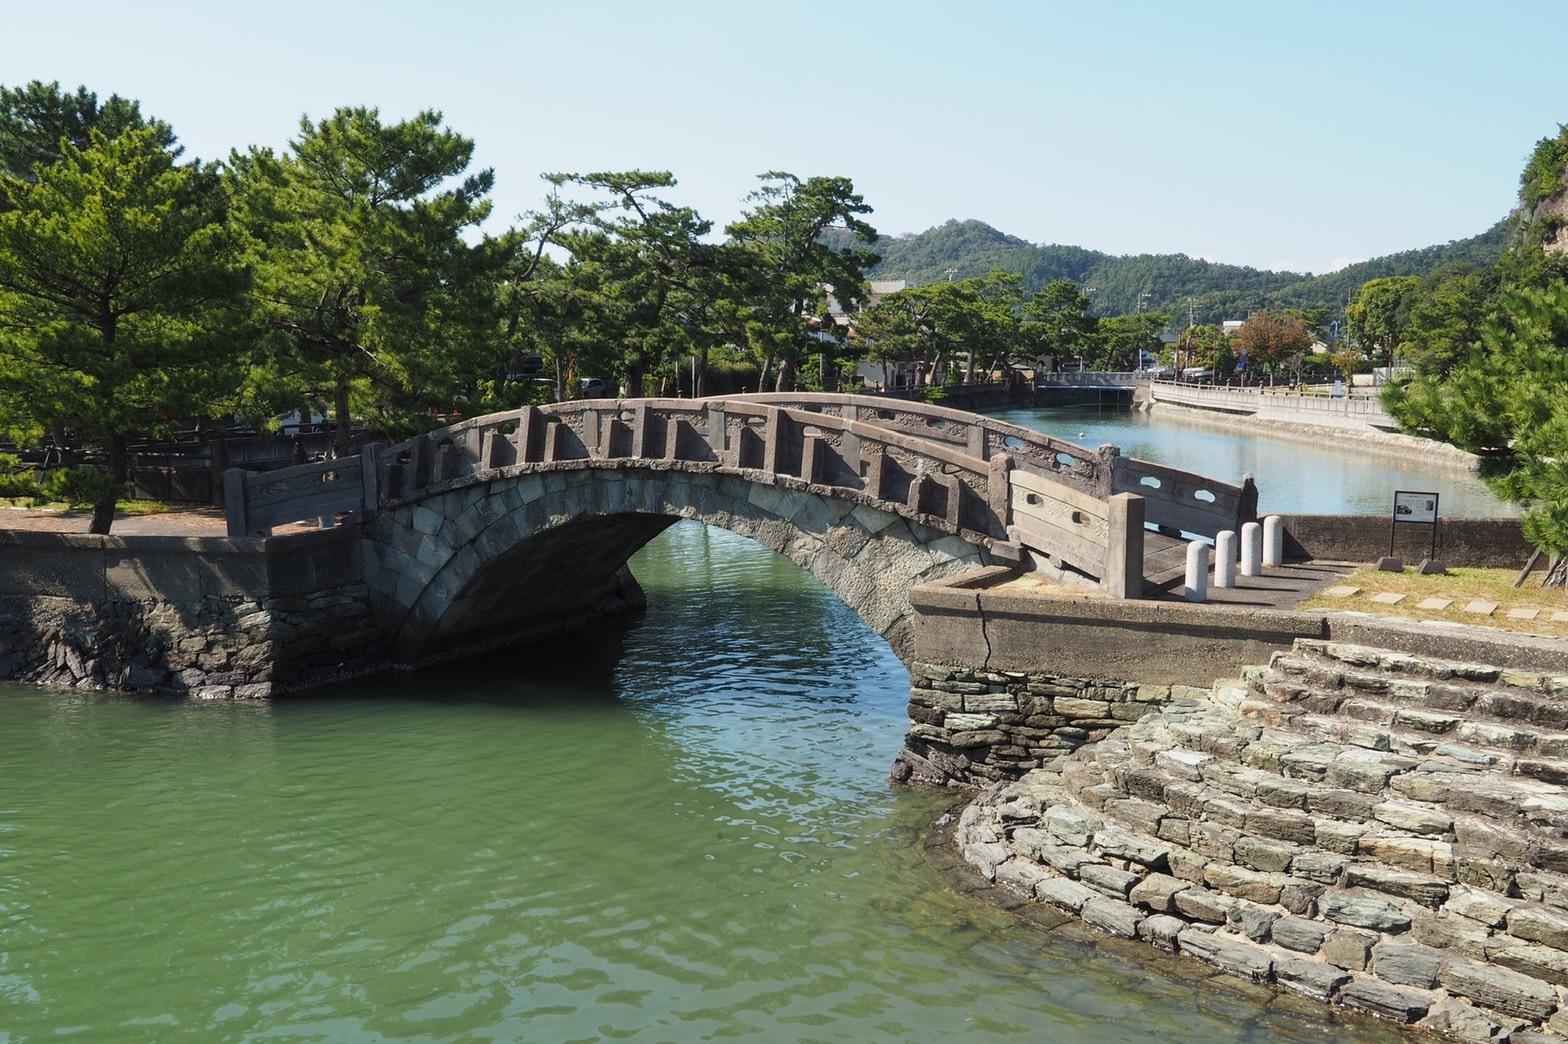 ぴーきちハーレーブログ 和歌の浦ツーリング 不老橋 石橋全景